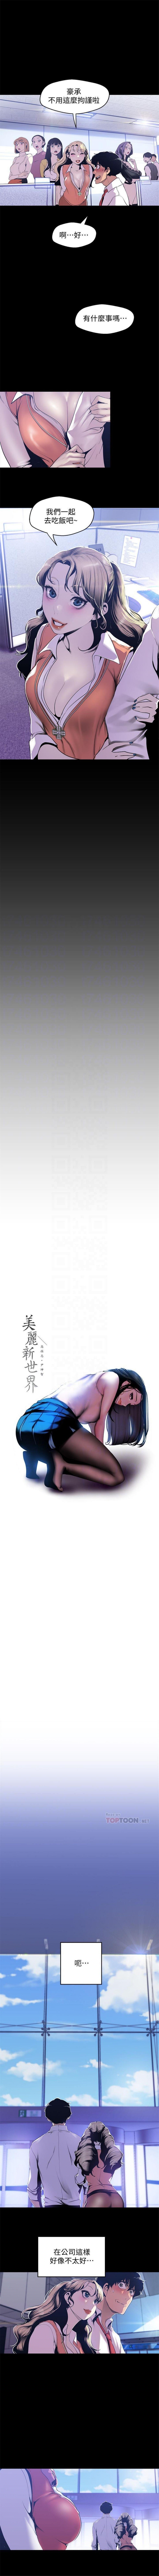 美麗新世界 1-85 官方中文(連載中) 604